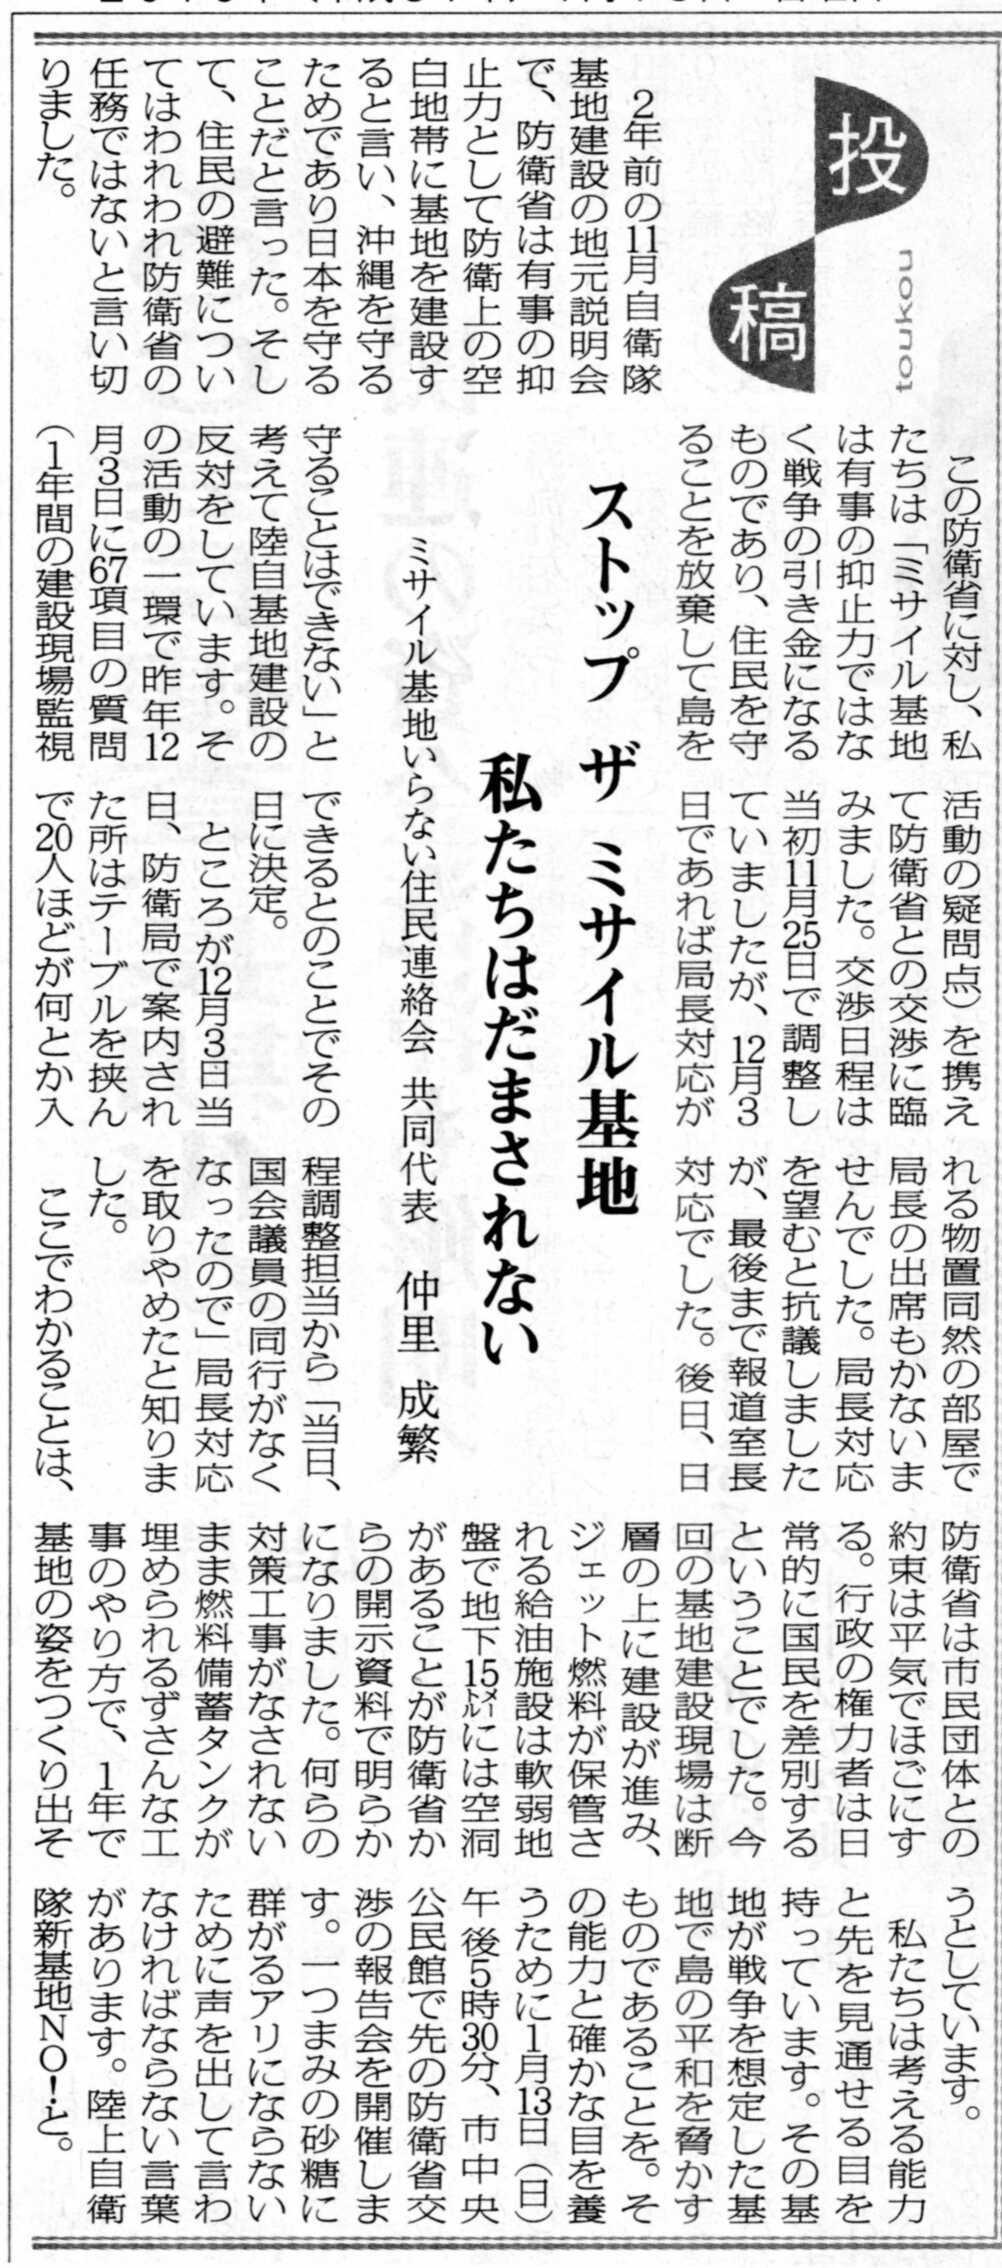 miyakomainichi2019 01132